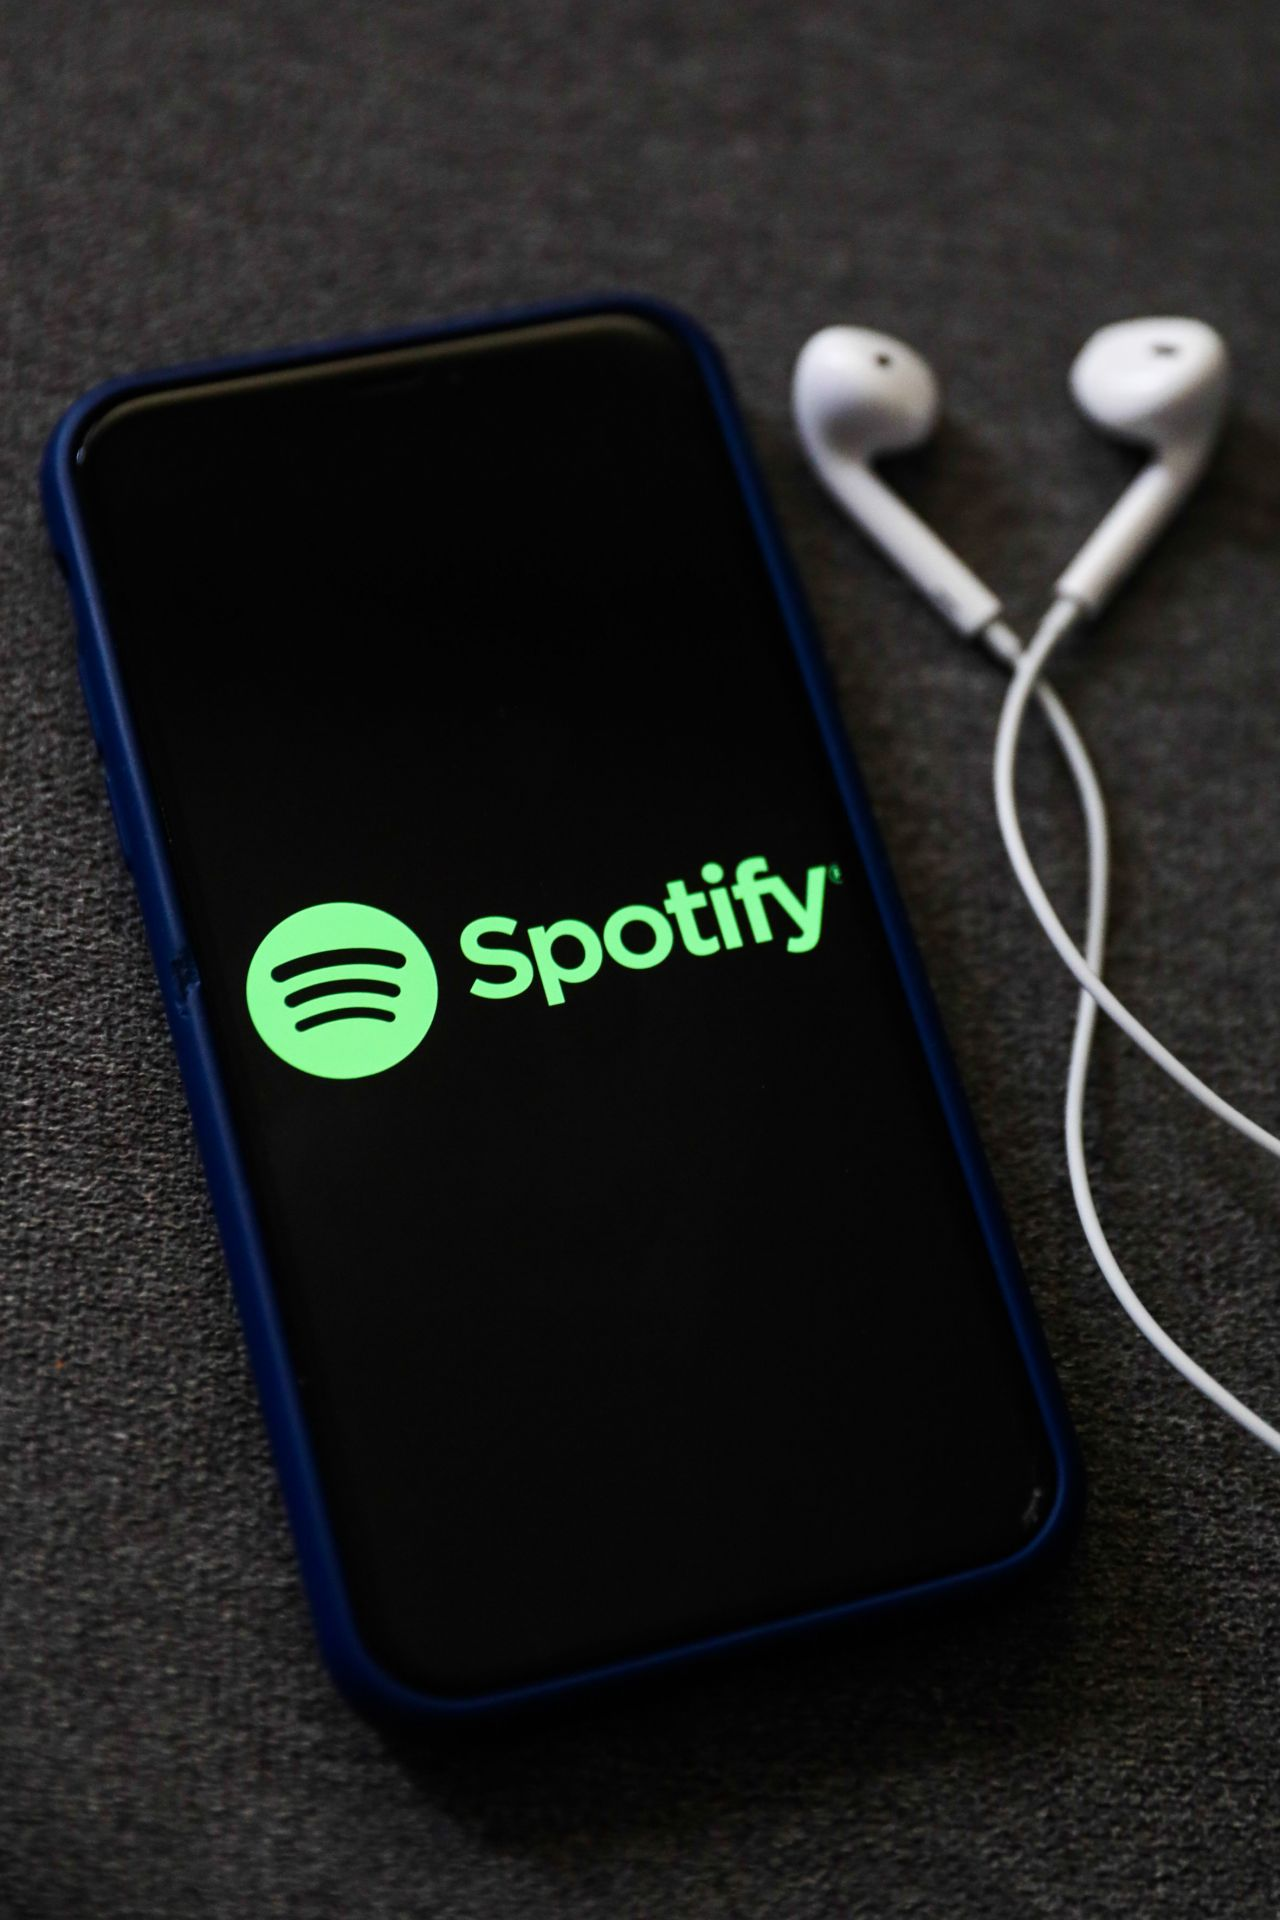 Spotify zum Lesen: Der Streaming-Dienst transkribiert jetzt seine Podcasts